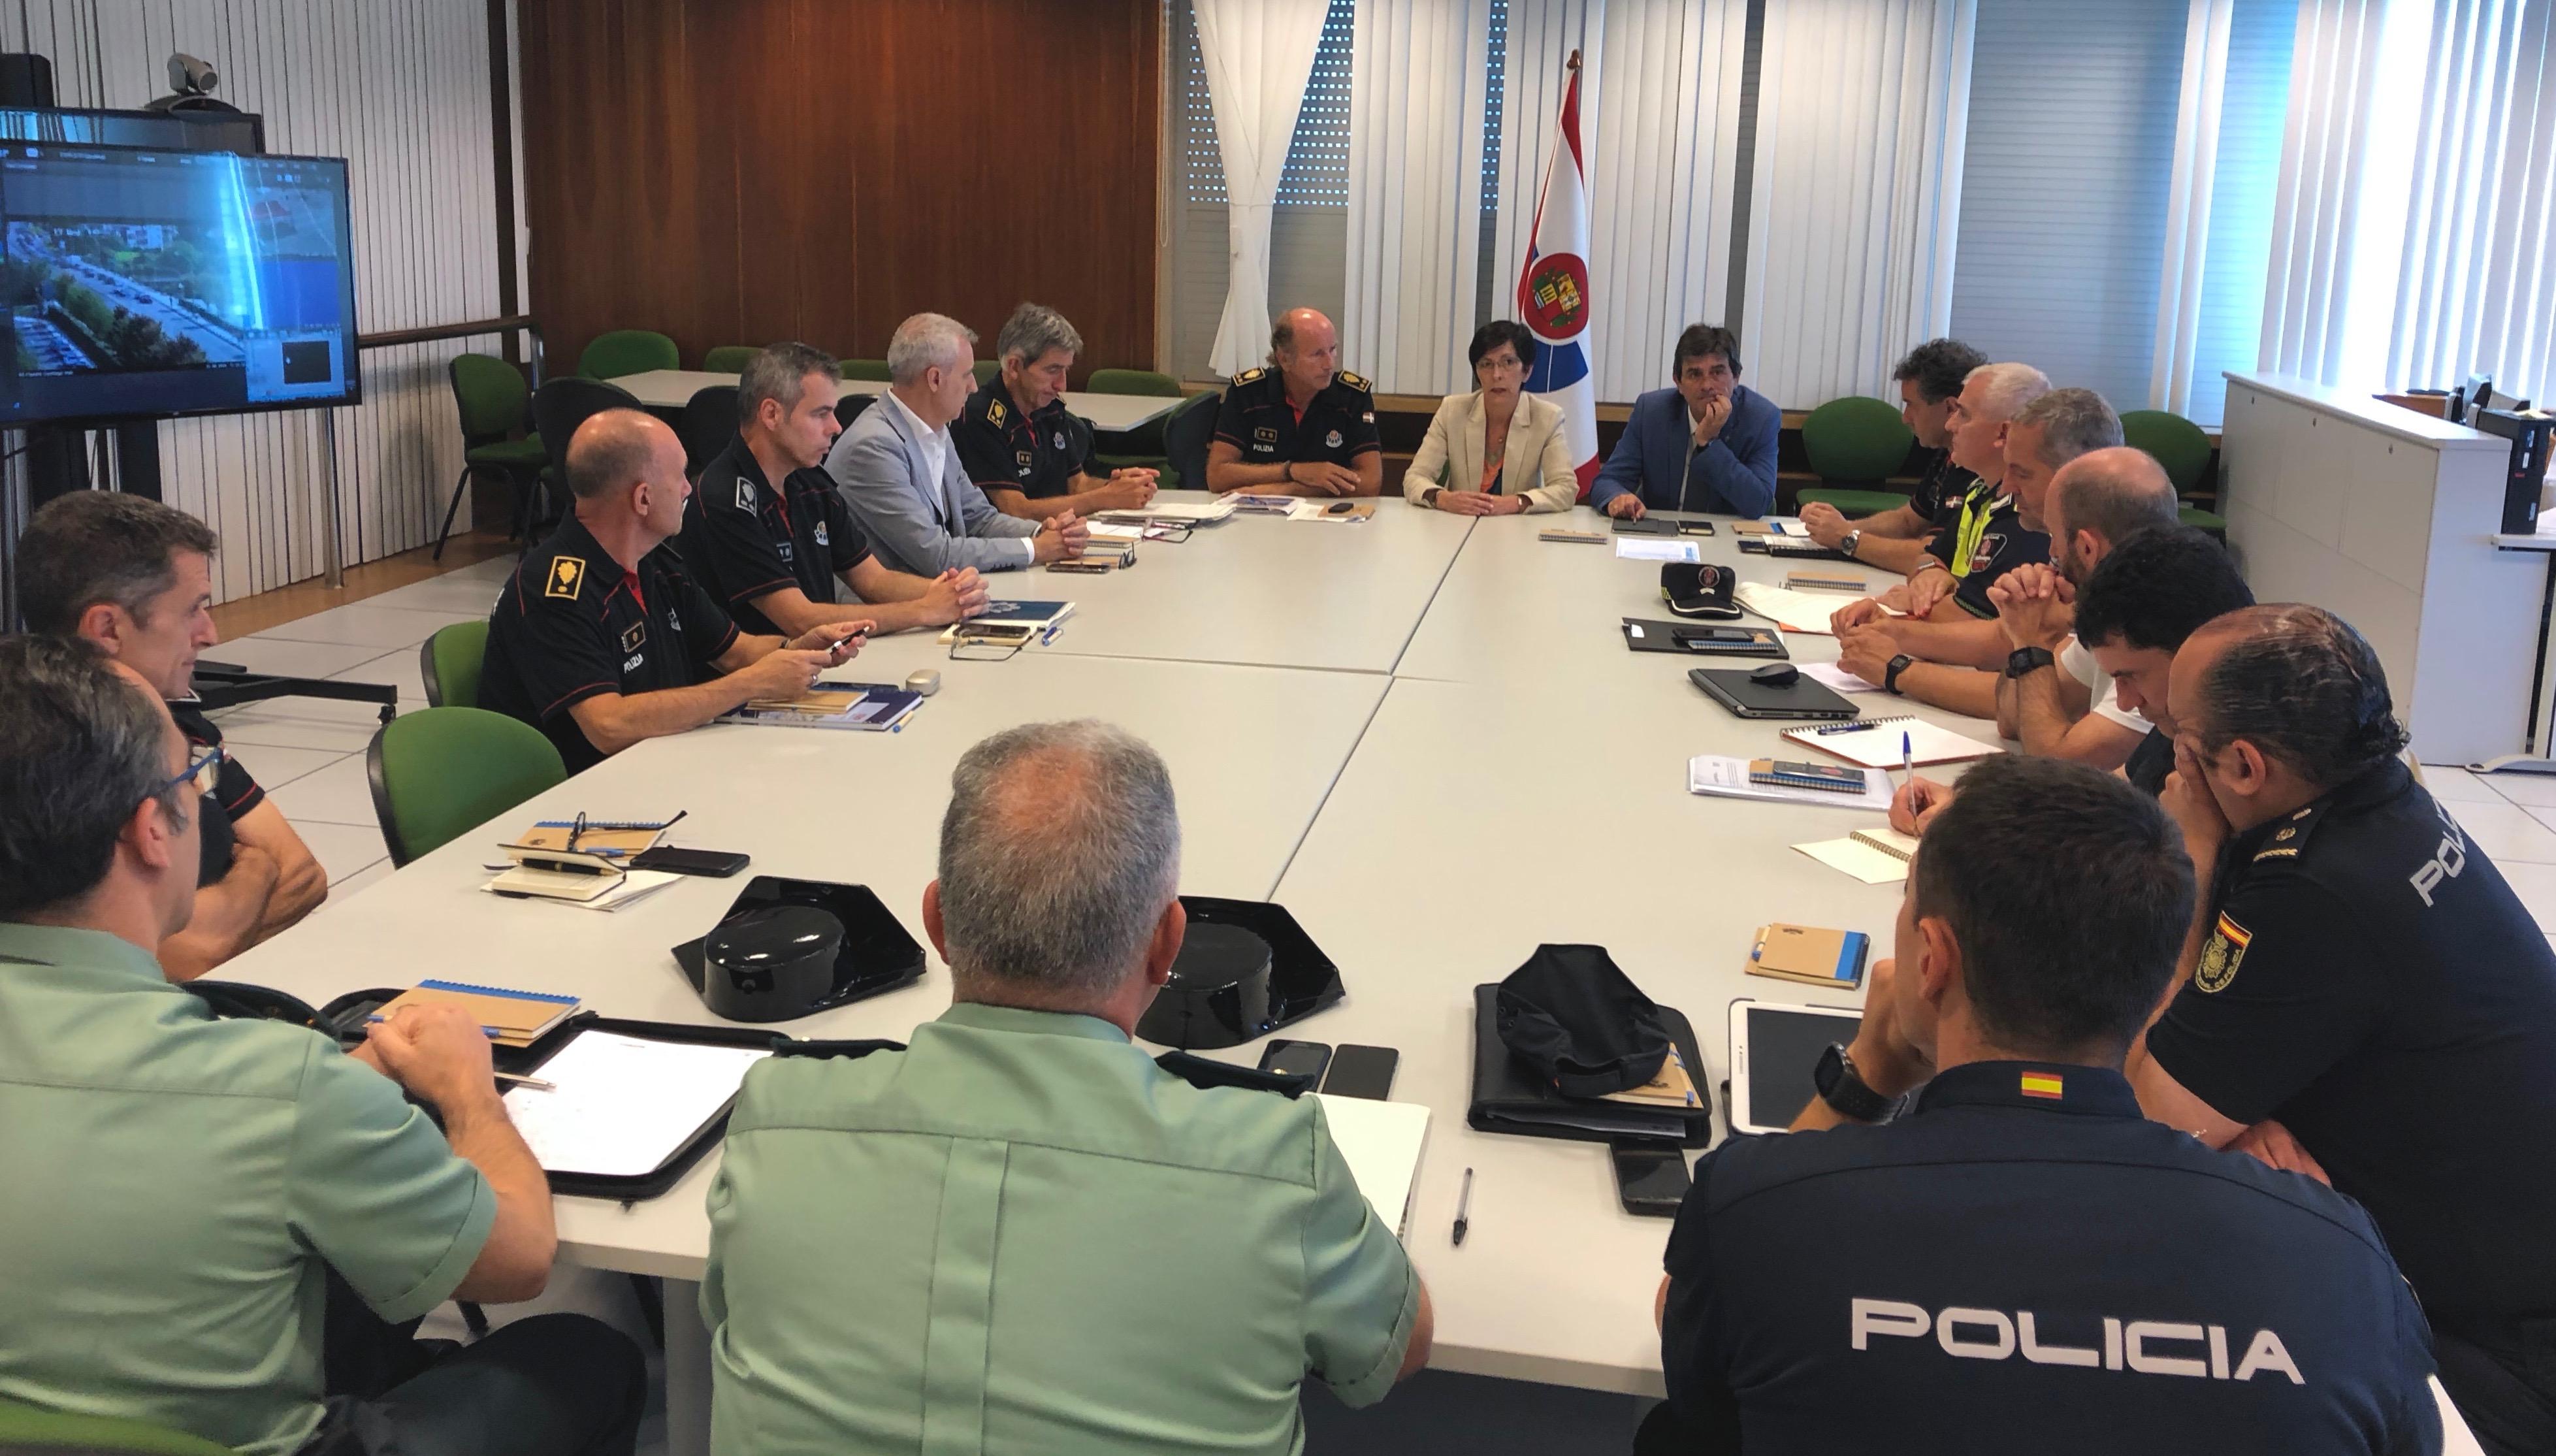 El Departamento de Seguridad activará un centro de coordinación, información y seguimiento policial de la cumbre del G-7 en la sede de la Ertzaintza en Oiartzun